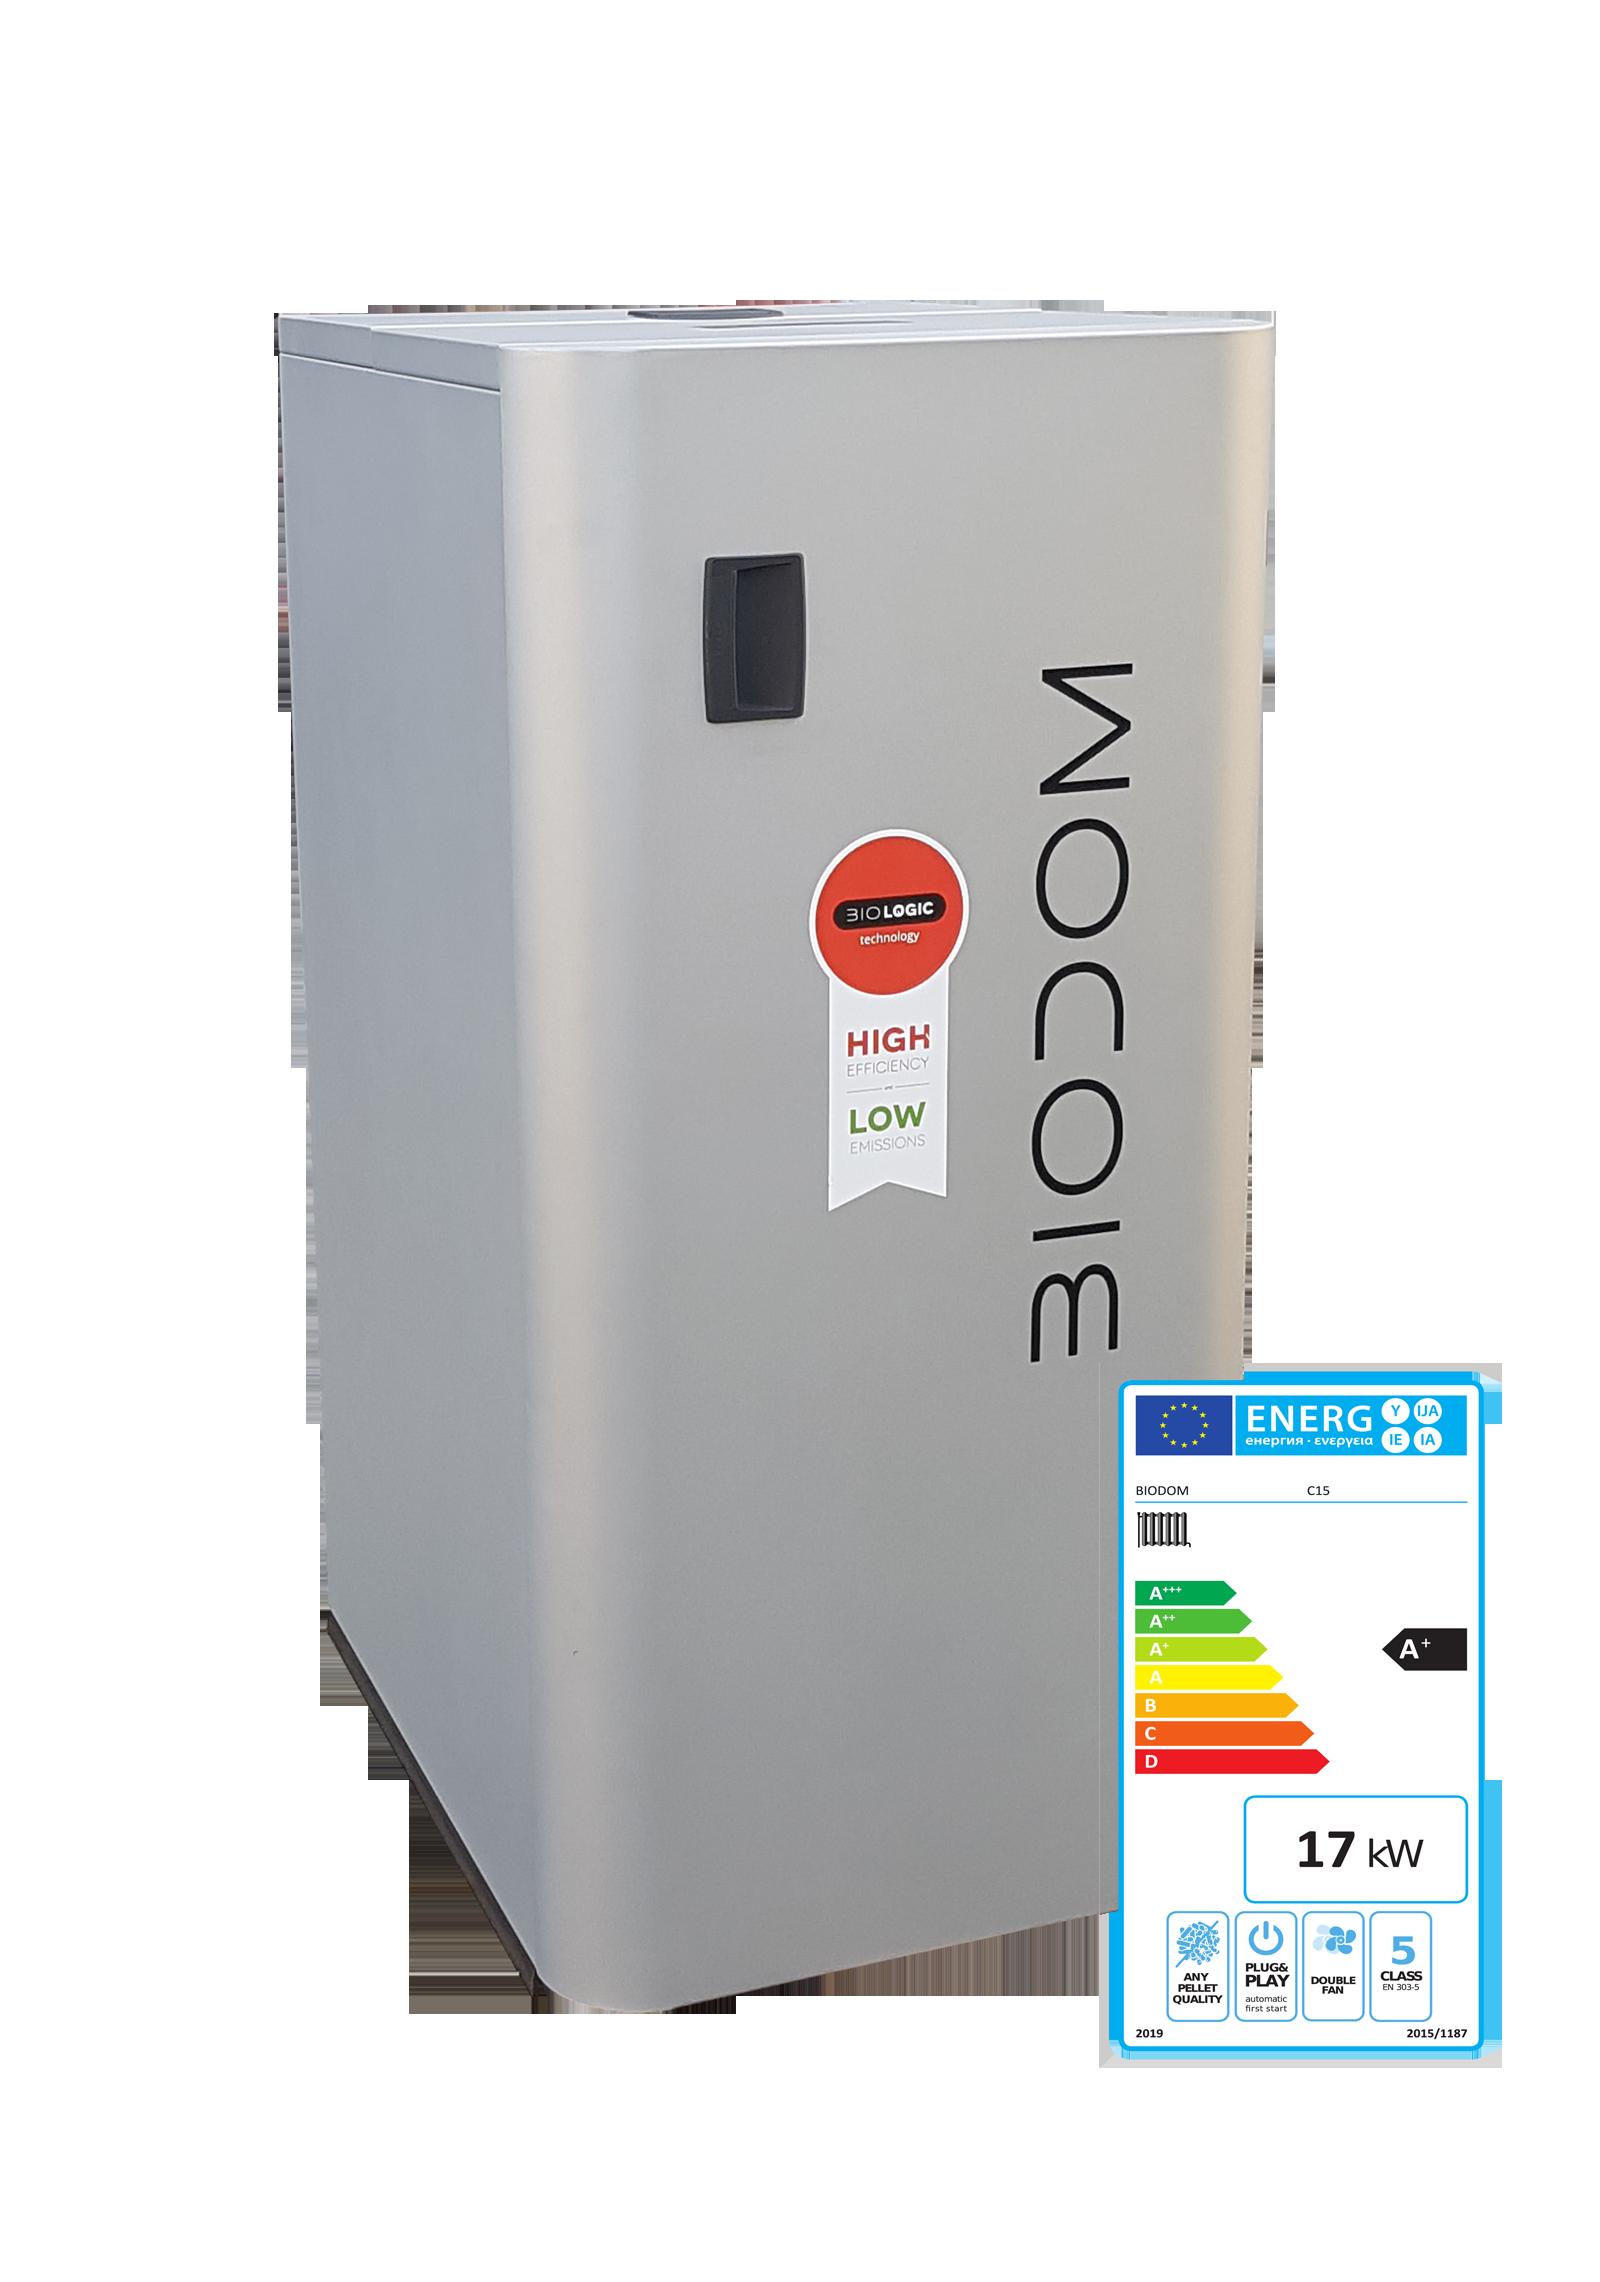 Biodom C15 met energielabel A+